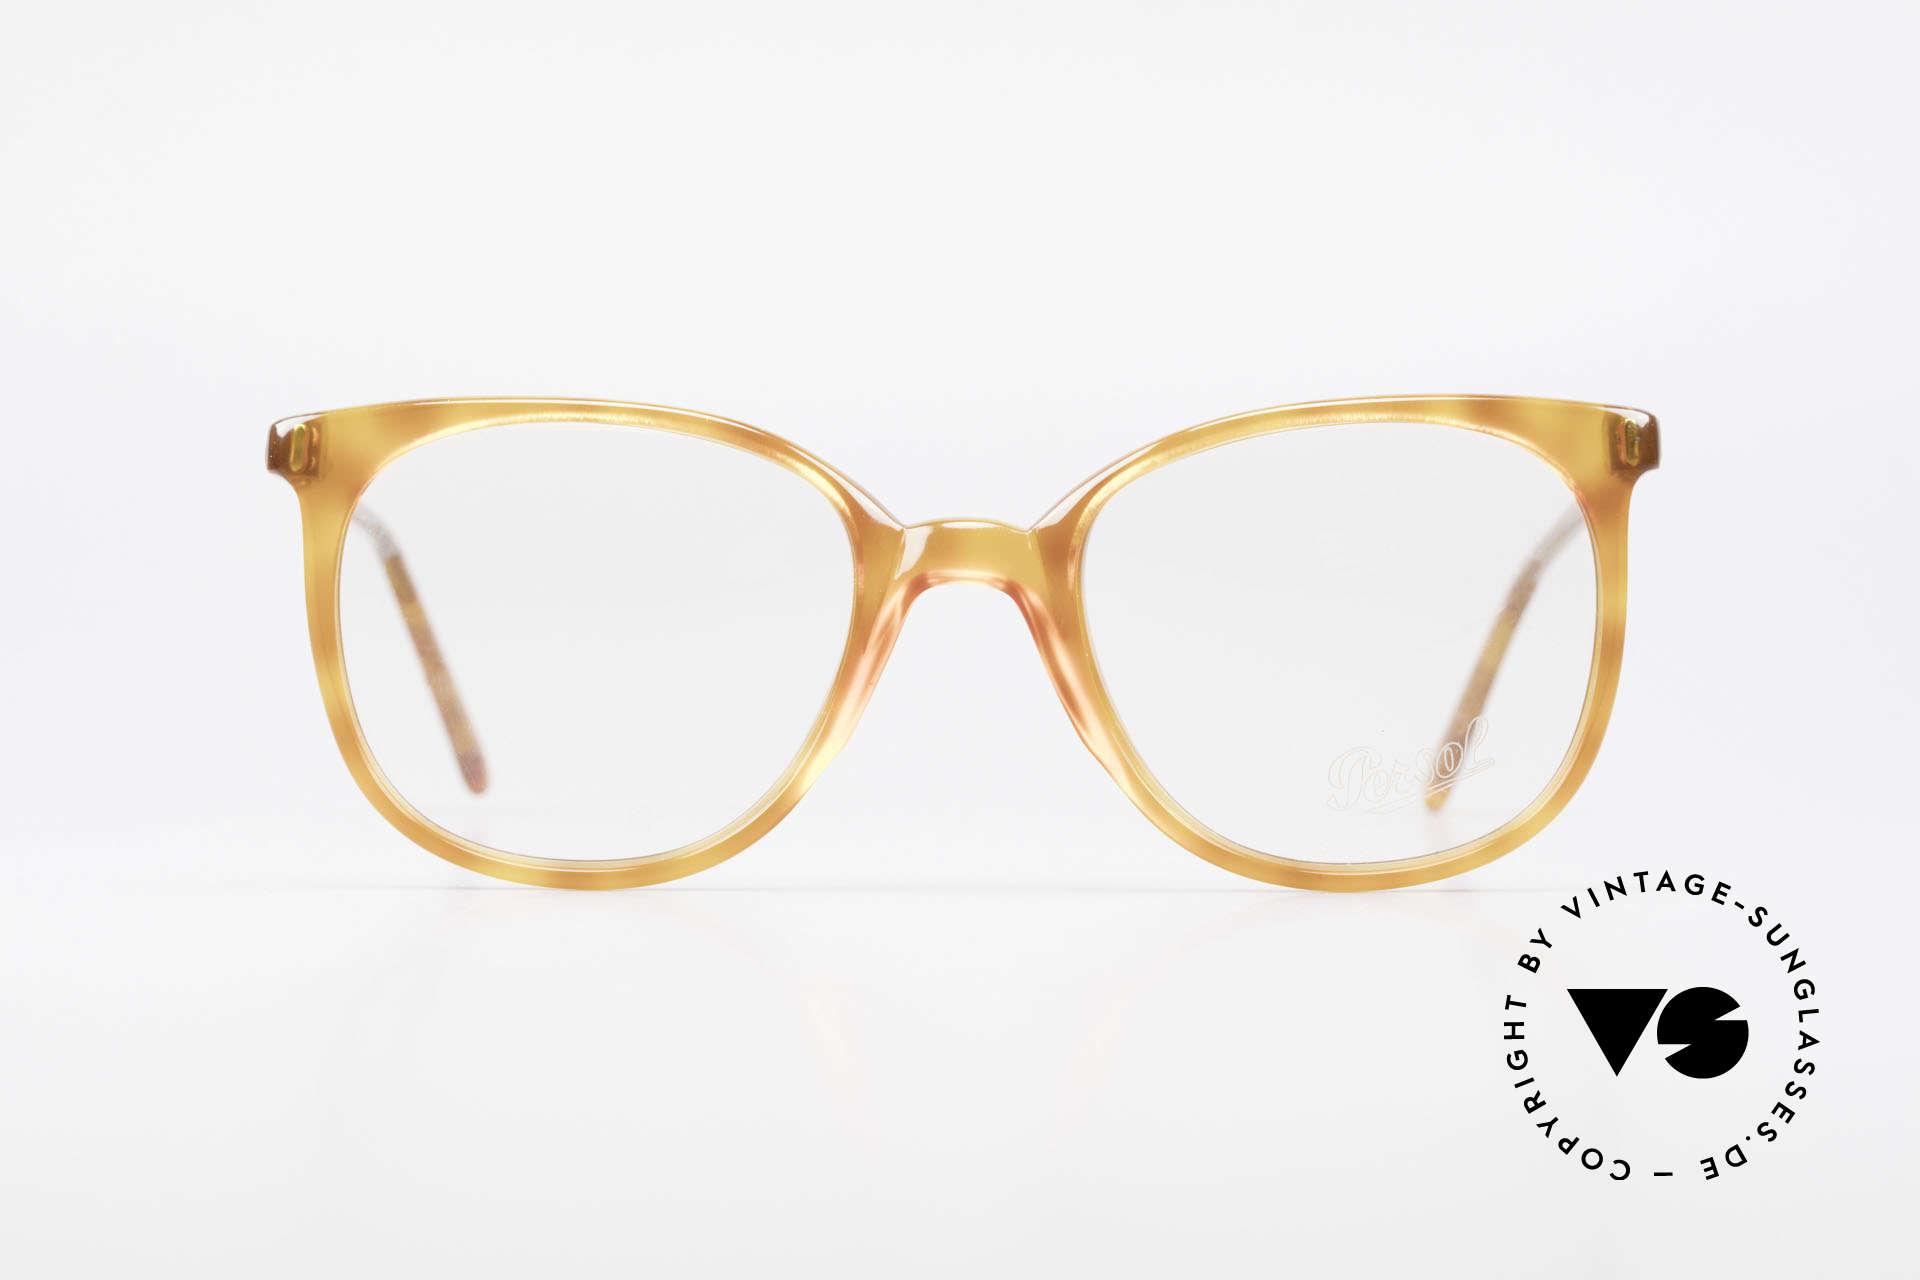 Persol 09181 Ratti Alte Vintage Brille Original, feine Bügel; sehr zeitloses Design & Kolorierung, Passend für Herren und Damen